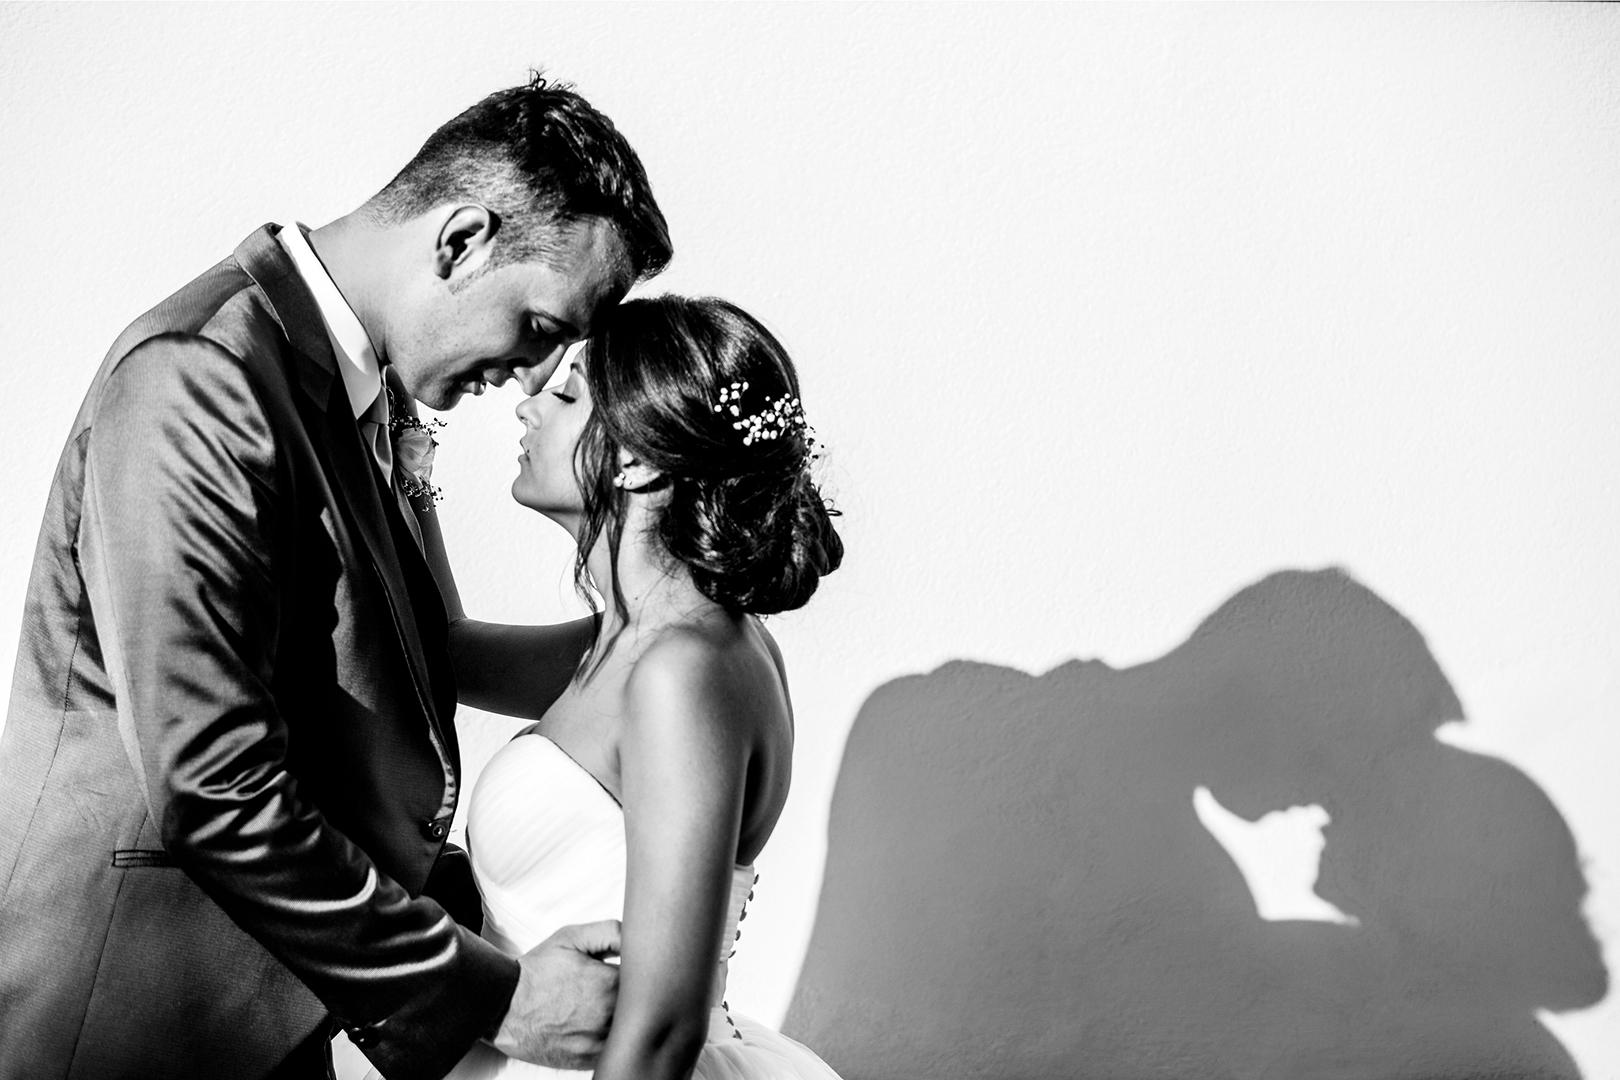 gianni-lepore-bianco-nero-fotografo-puglia